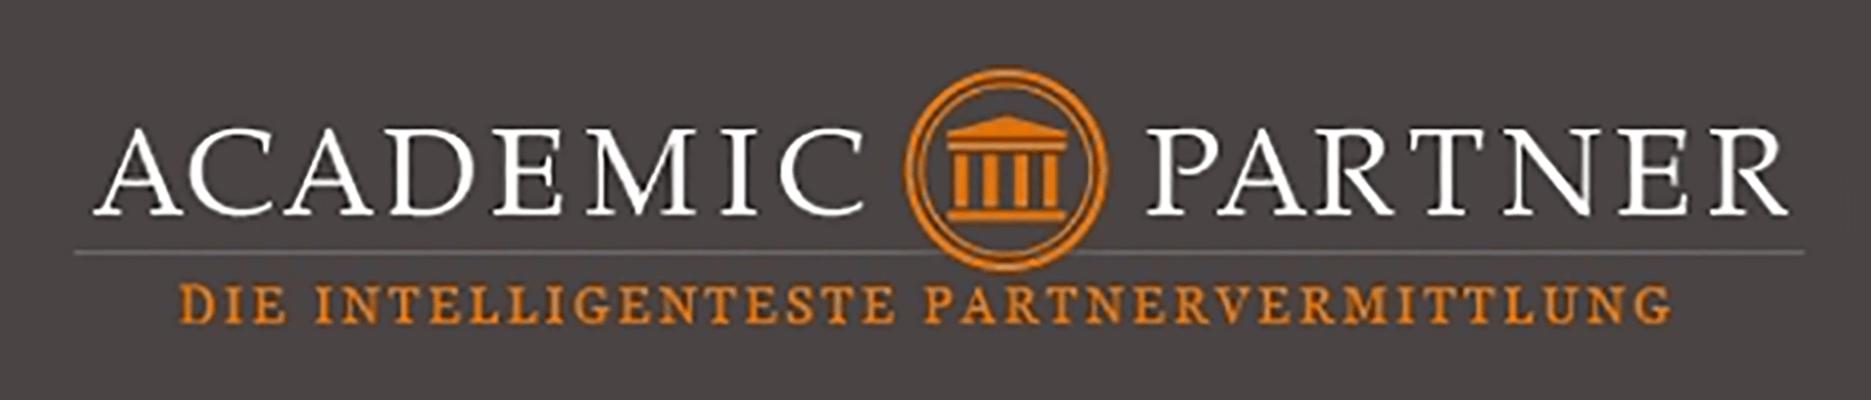 Academic Partner Logo